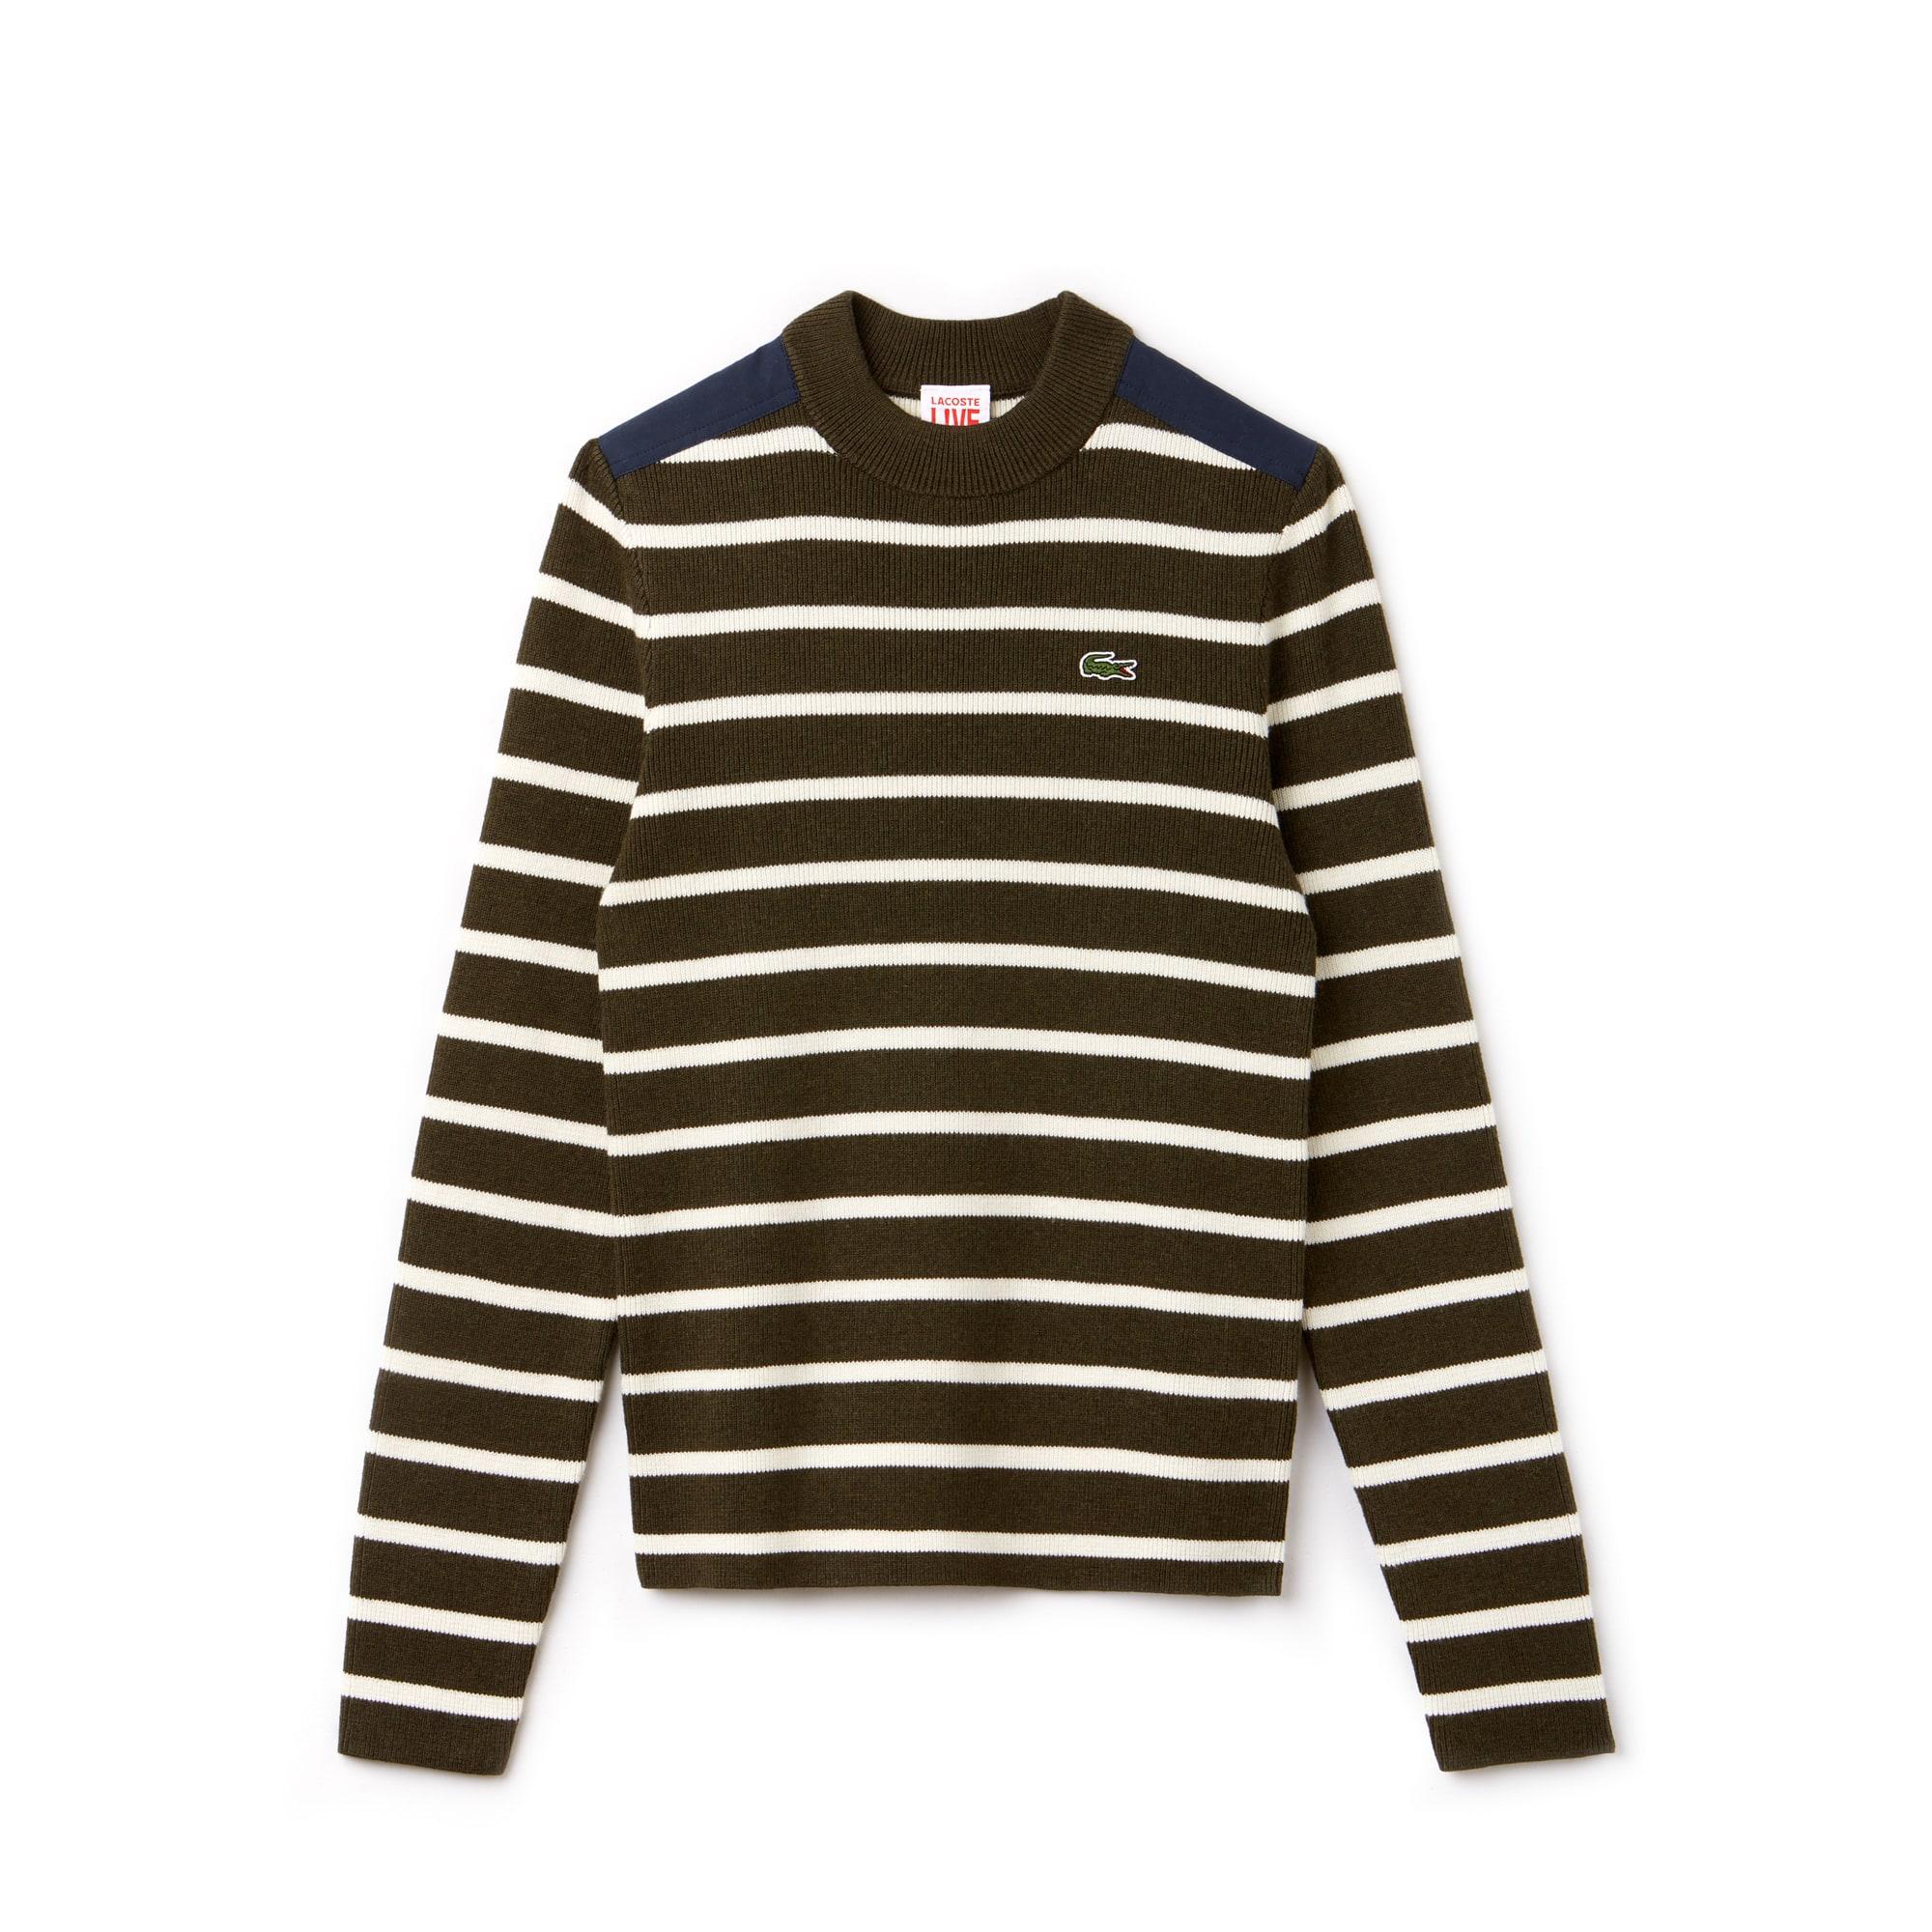 Men's Lacoste LIVE Crew Neck Striped Interlock Sweater